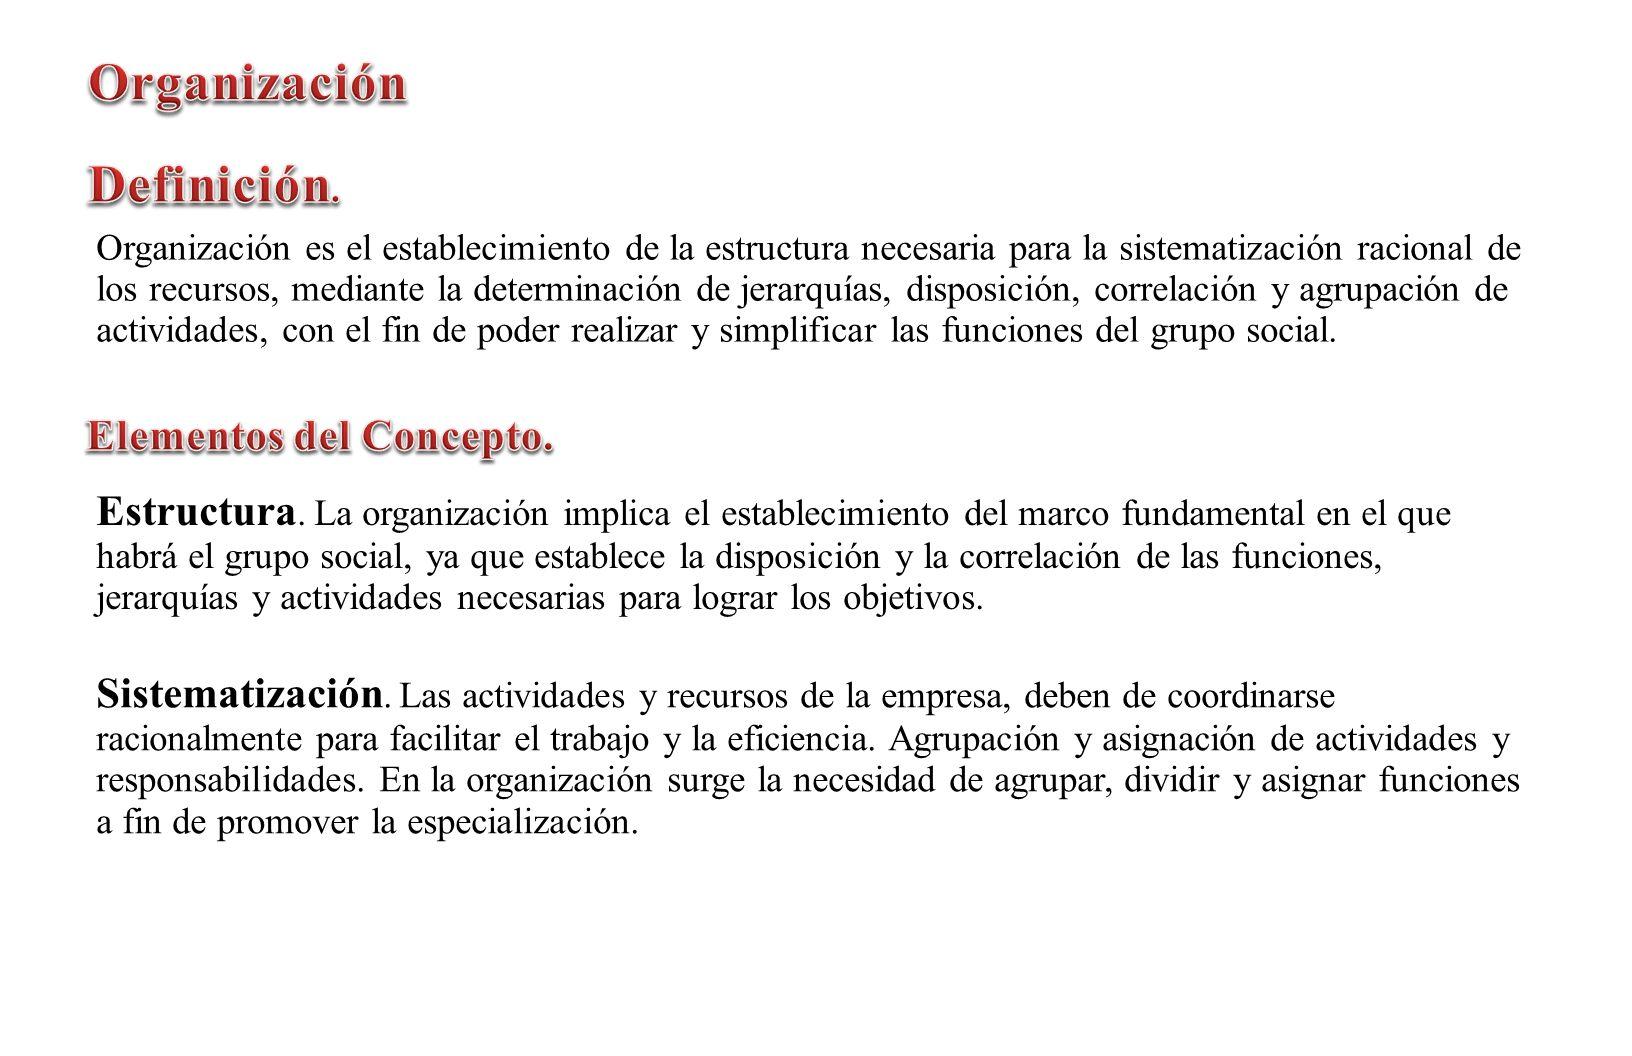 Organización Definición. Elementos del Concepto.